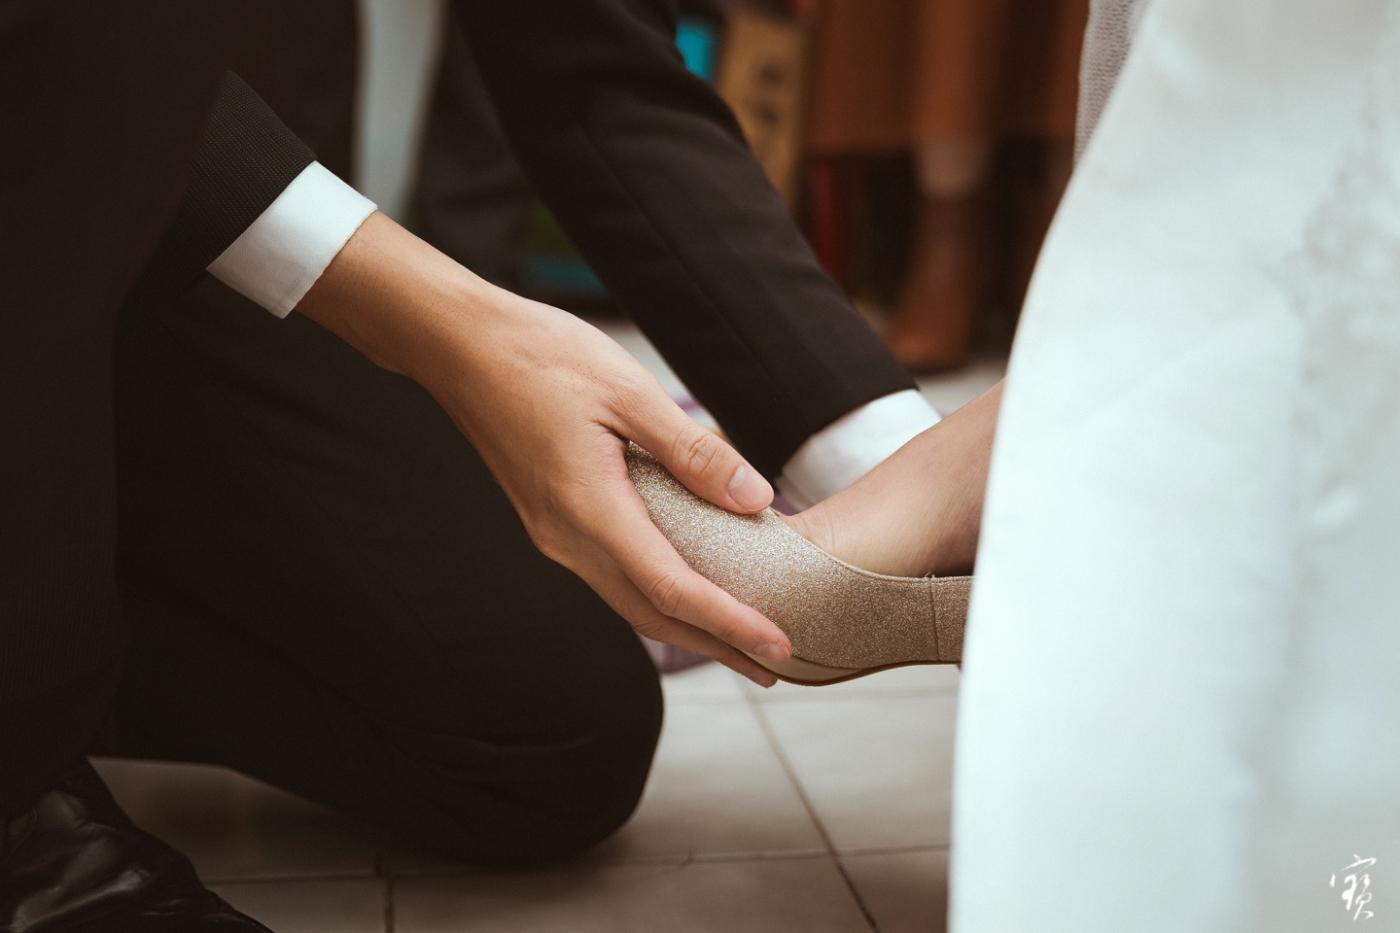 婚禮攝影 新竹彭園 冬伴影像 攝影師大寶 婚紗攝影 新娘新郎 早儀午宴20181125-65